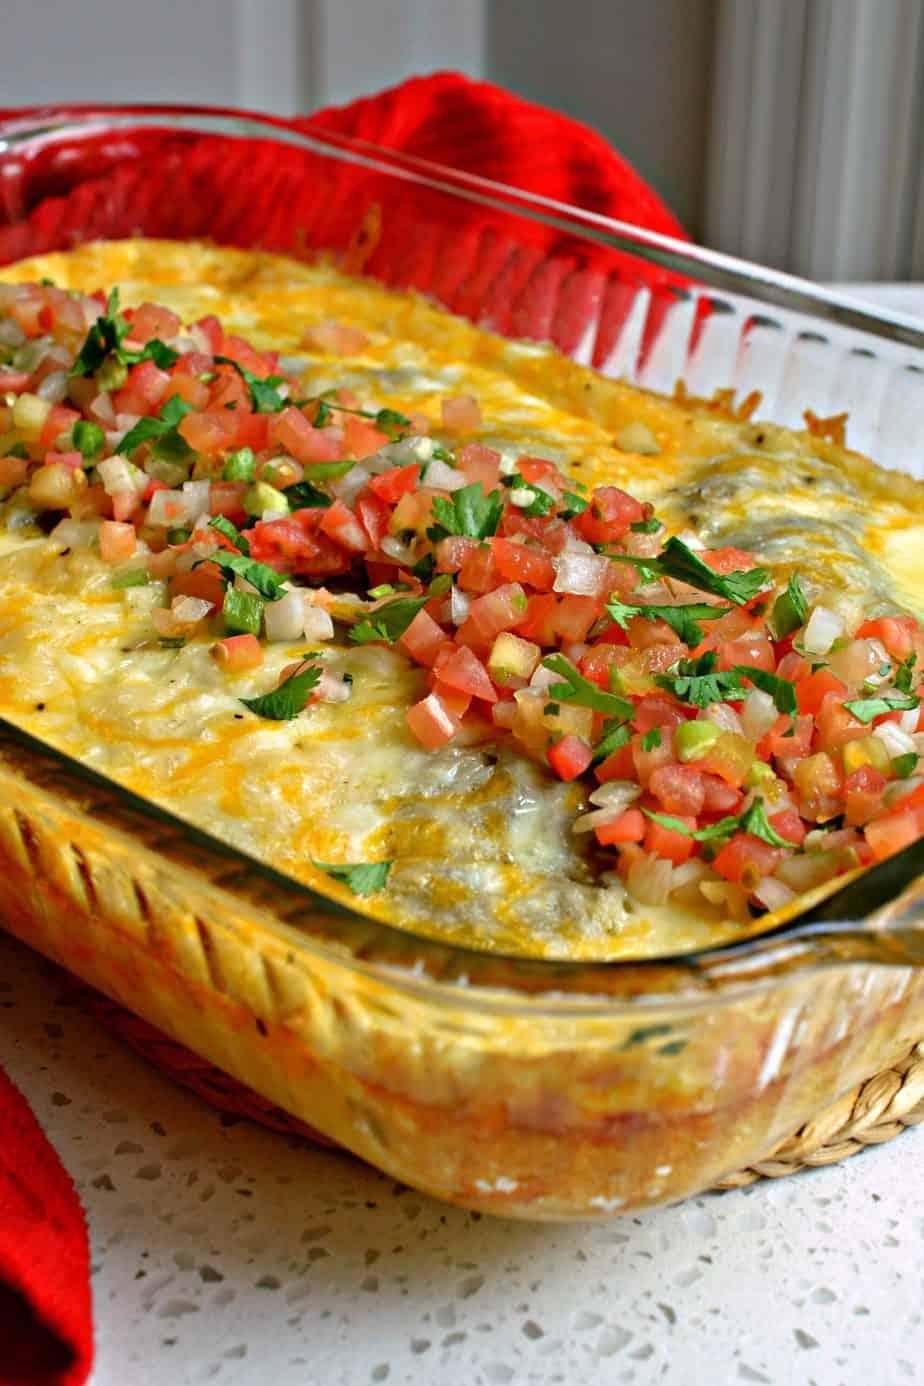 How to make Chile Relleno Casserole